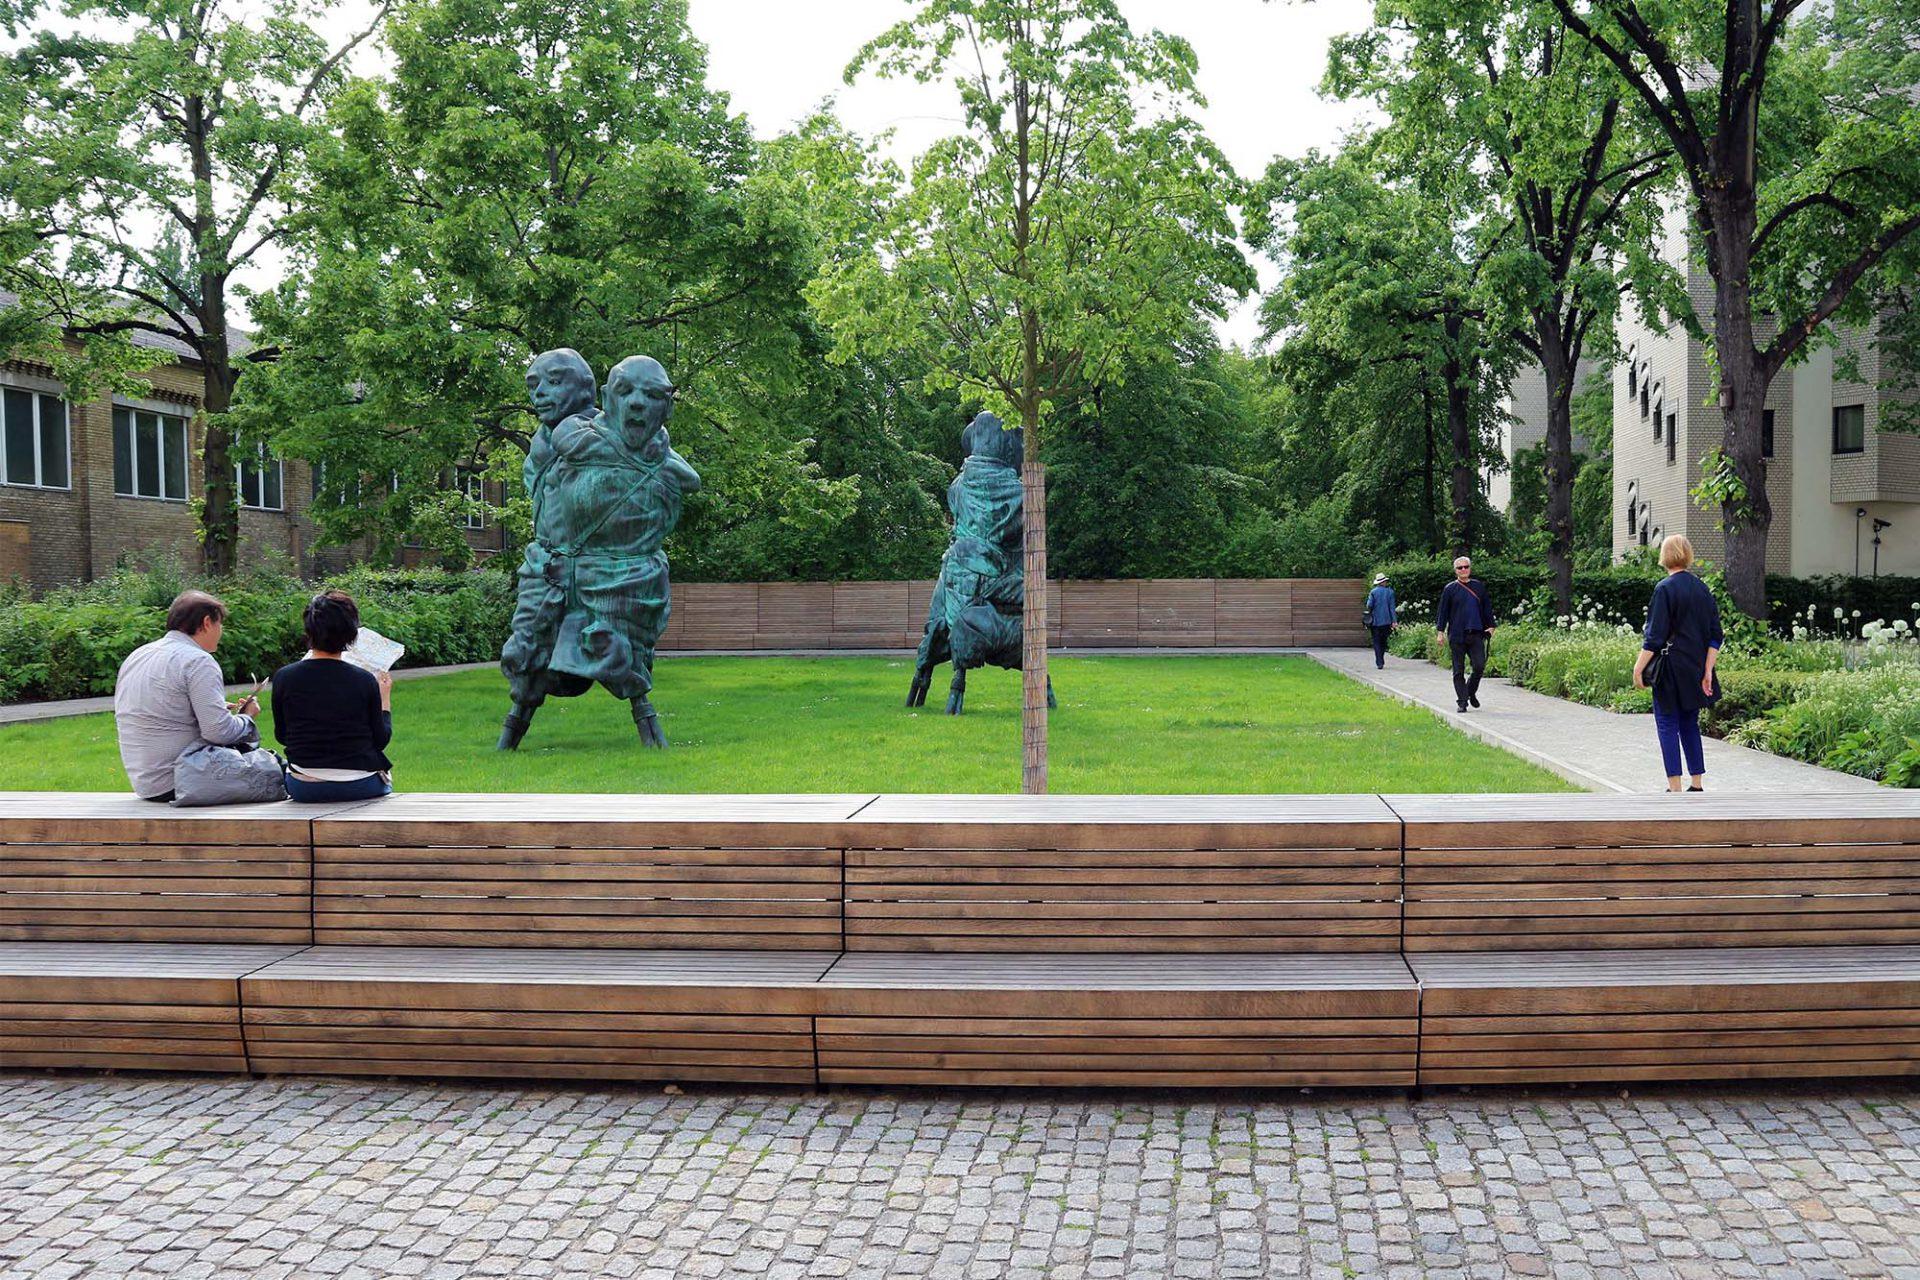 """Idyllisch.  Bröhan-Museum und Museum Berggruen umschließen einen famosen Skulpturengarten. Er wurde in Erinnerung an Berggruens Ehefrau """"Bettina Berggruen Garten"""" benannt. In seiner grünen Mitte steht die Doppelskulptur """"United Enemies"""" von Thomas Schütte."""